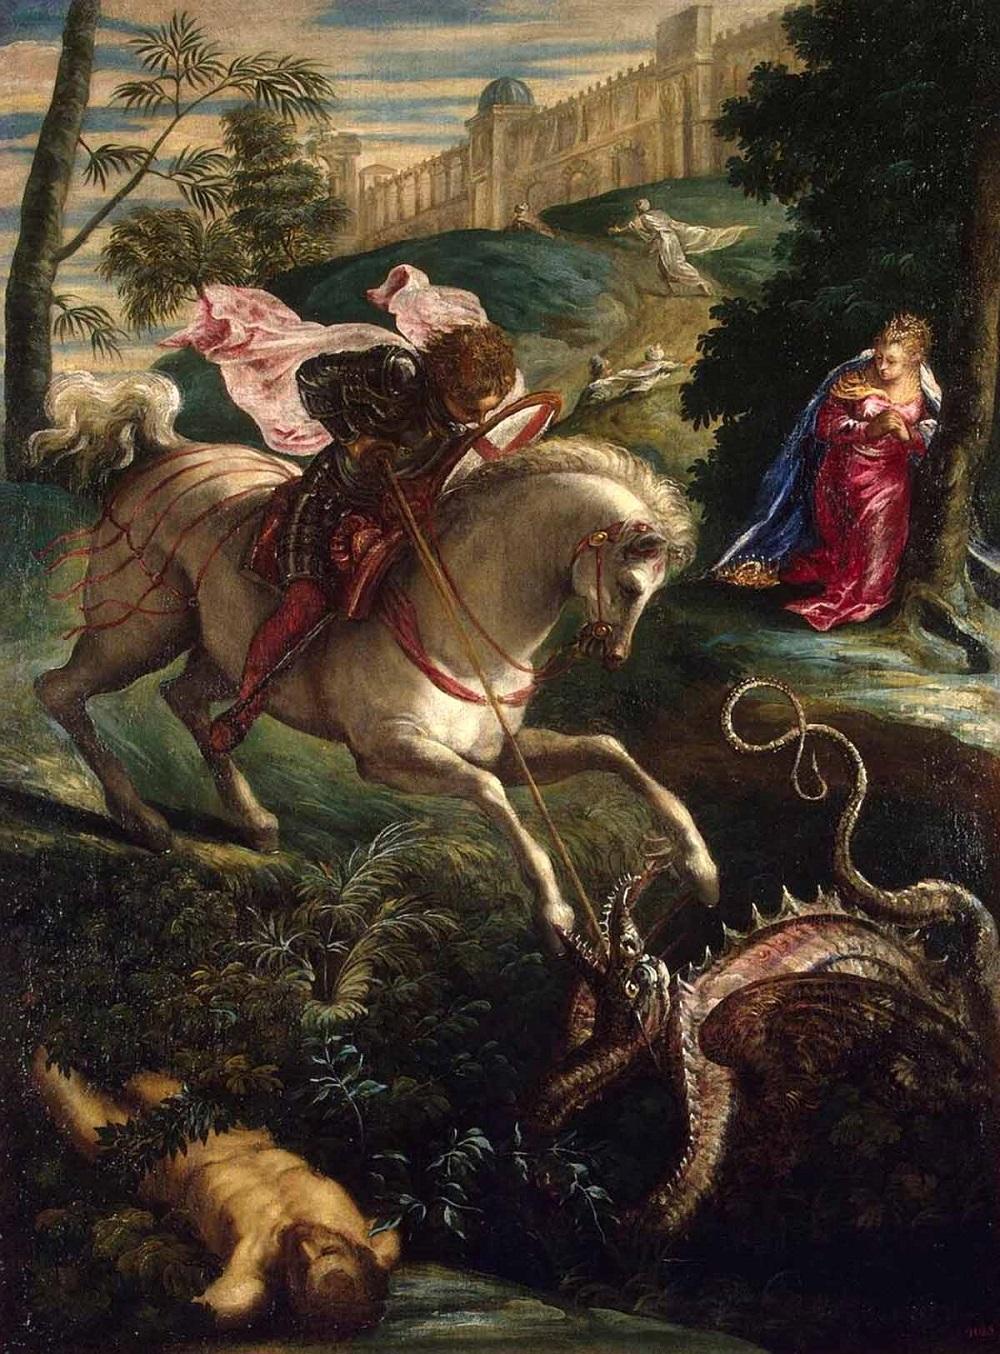 1600 Святой Георгий. Тинторетто - Якопо Робусти (итал. Jacopo Robusti) (1518-1594)..jpg